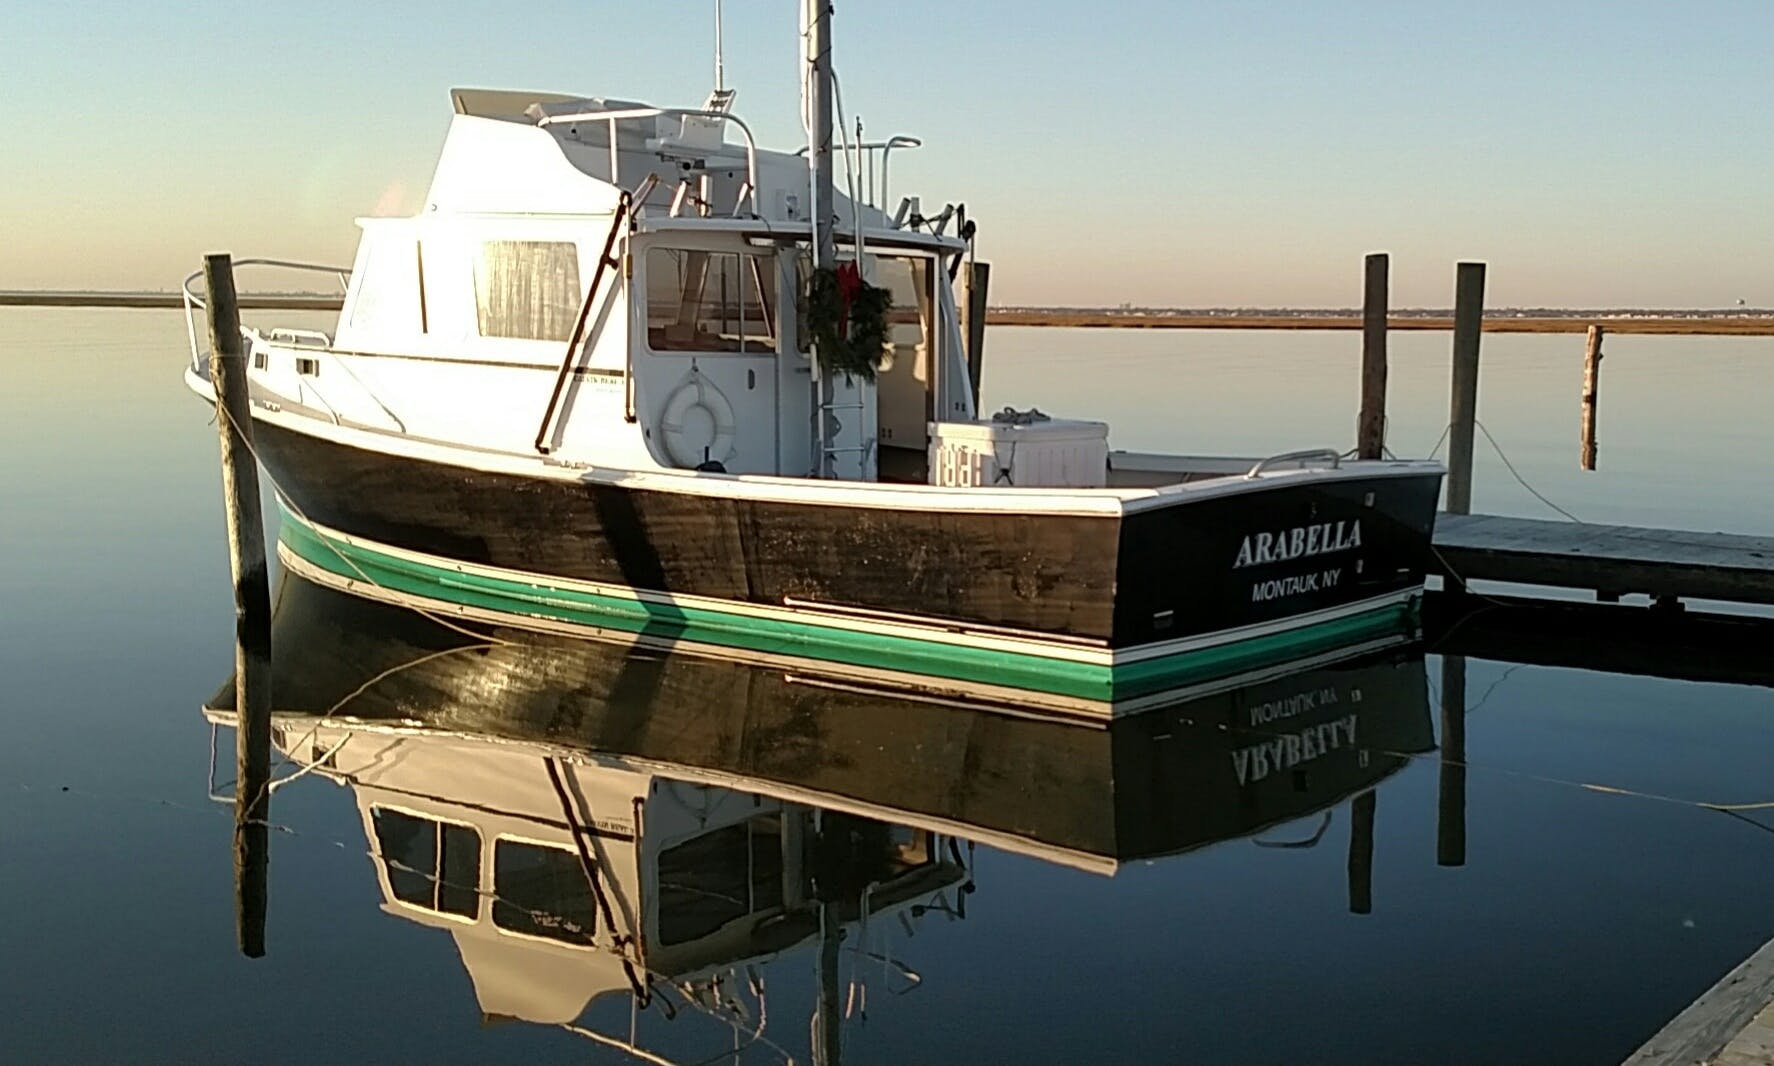 36ft Calvin Beal Passenger Boat Rental in Montauk, New York